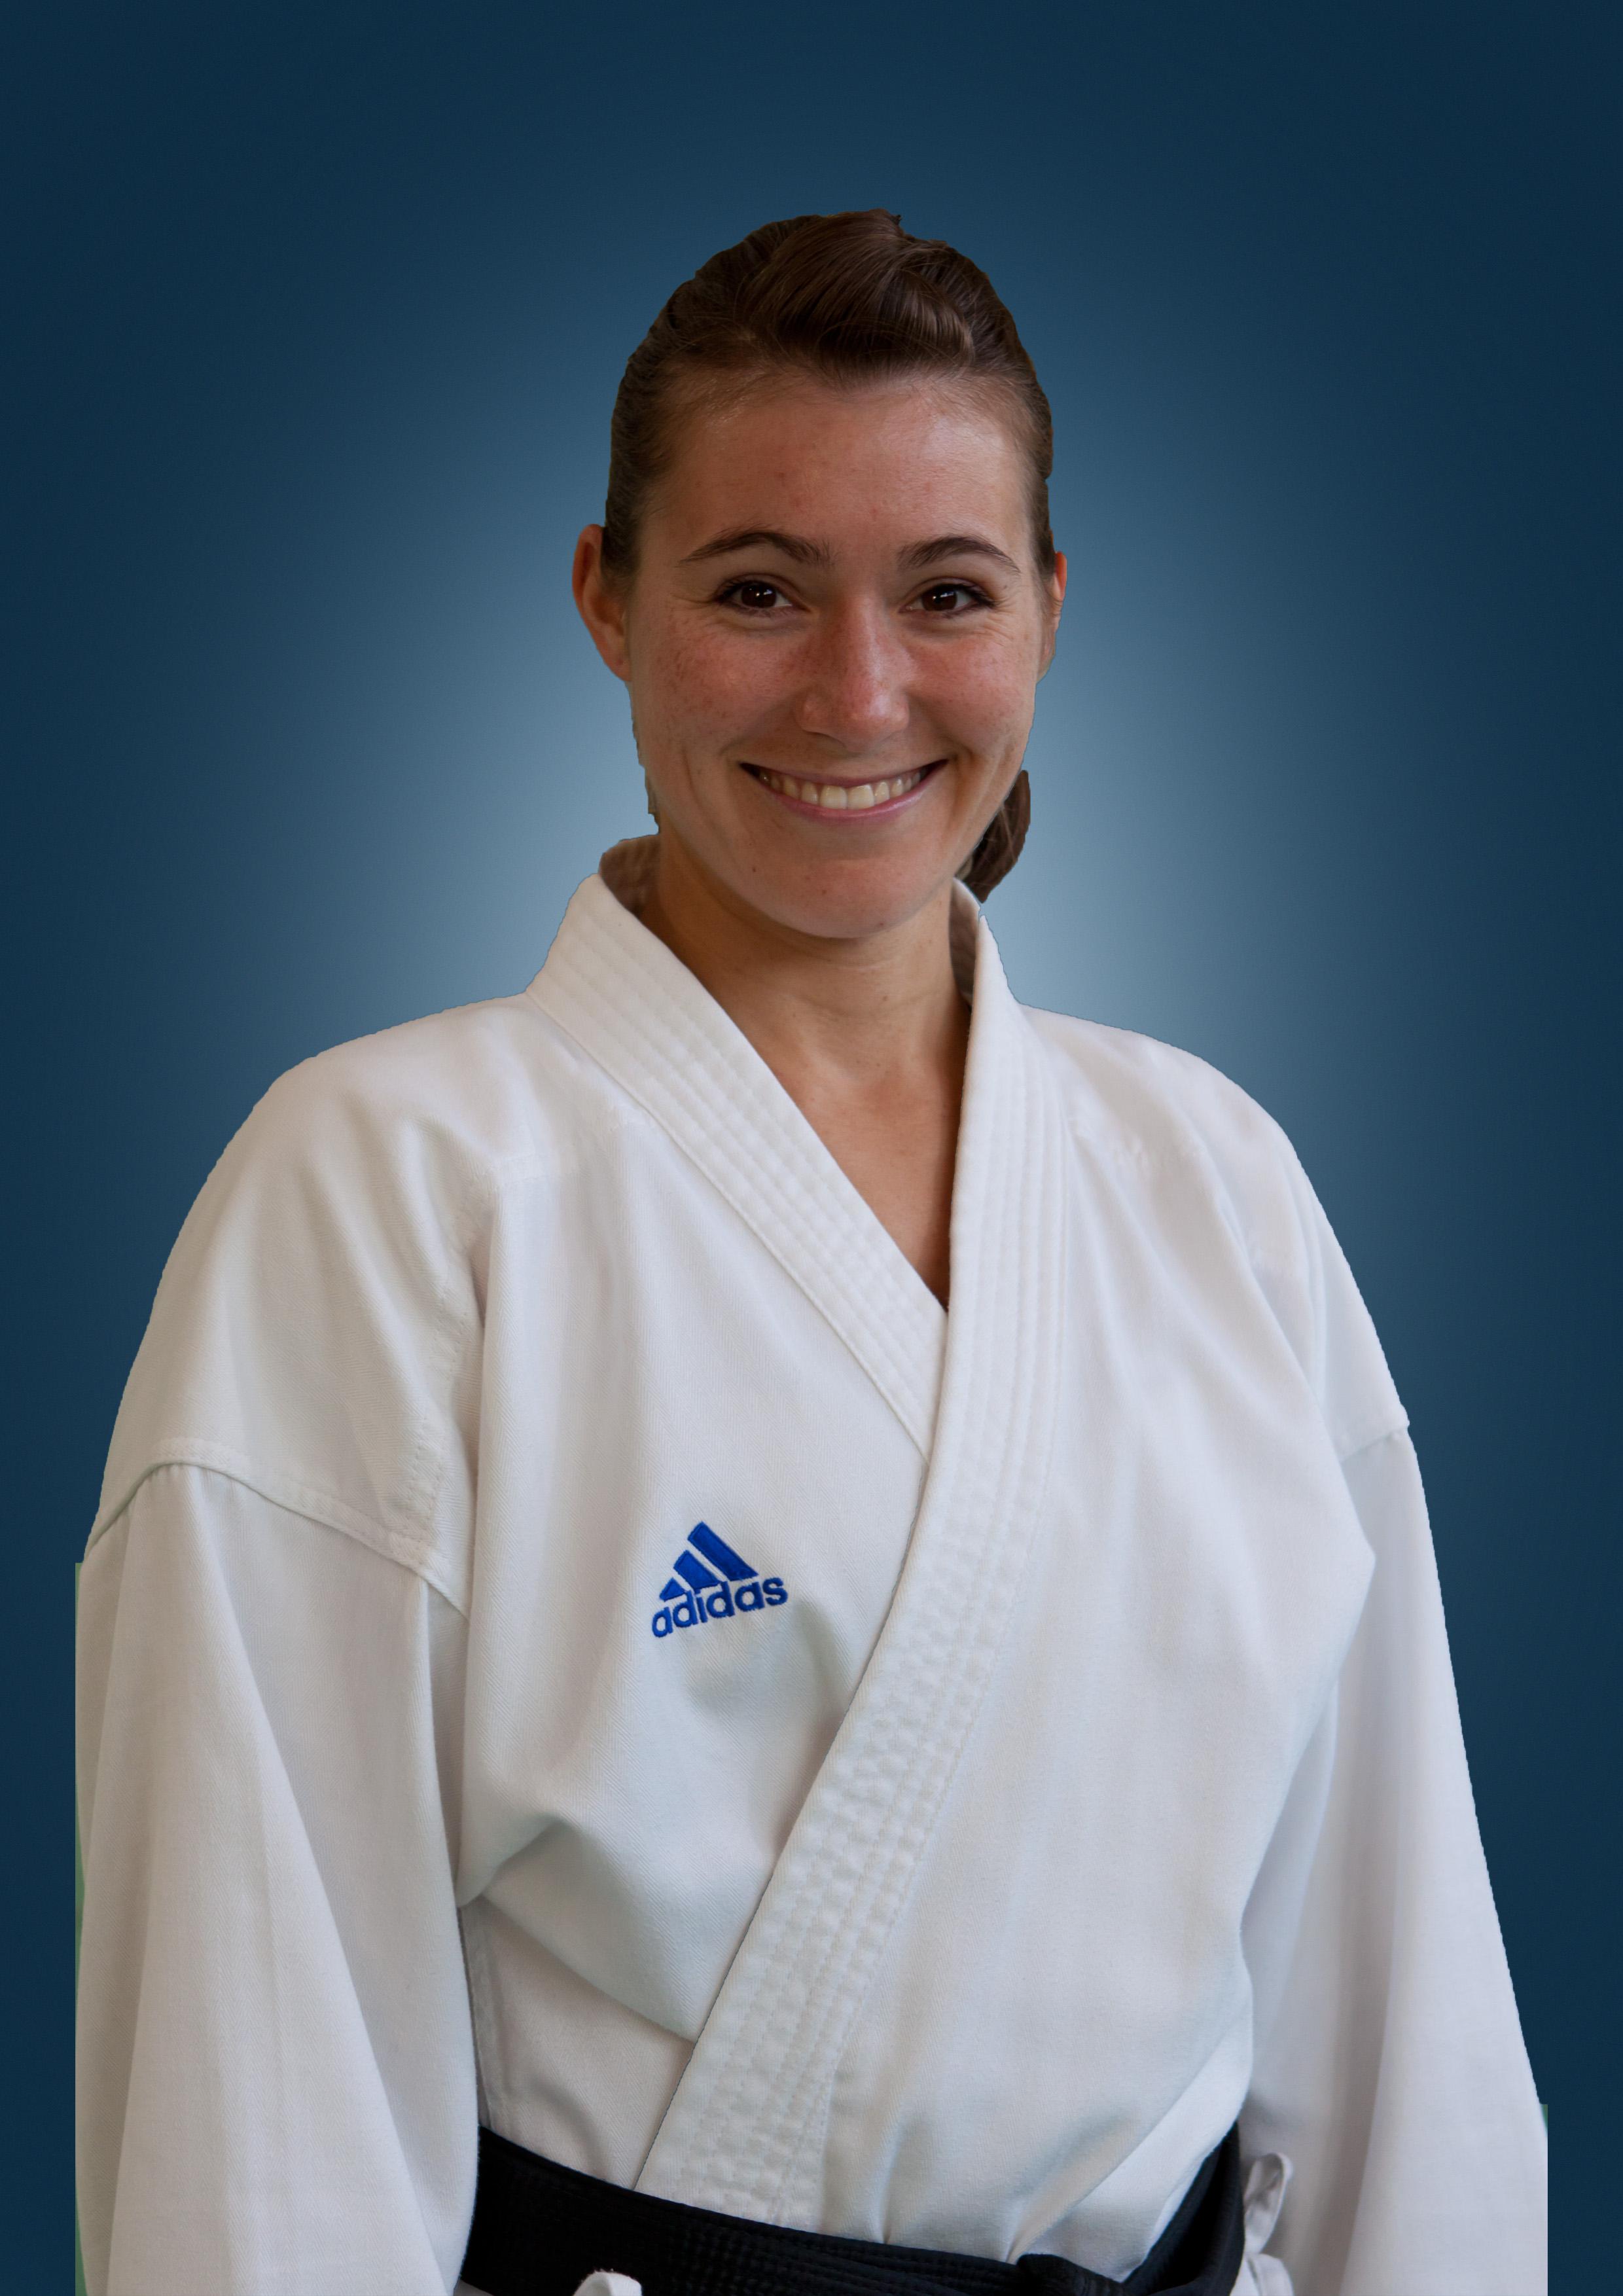 Johanna Sedlmeir